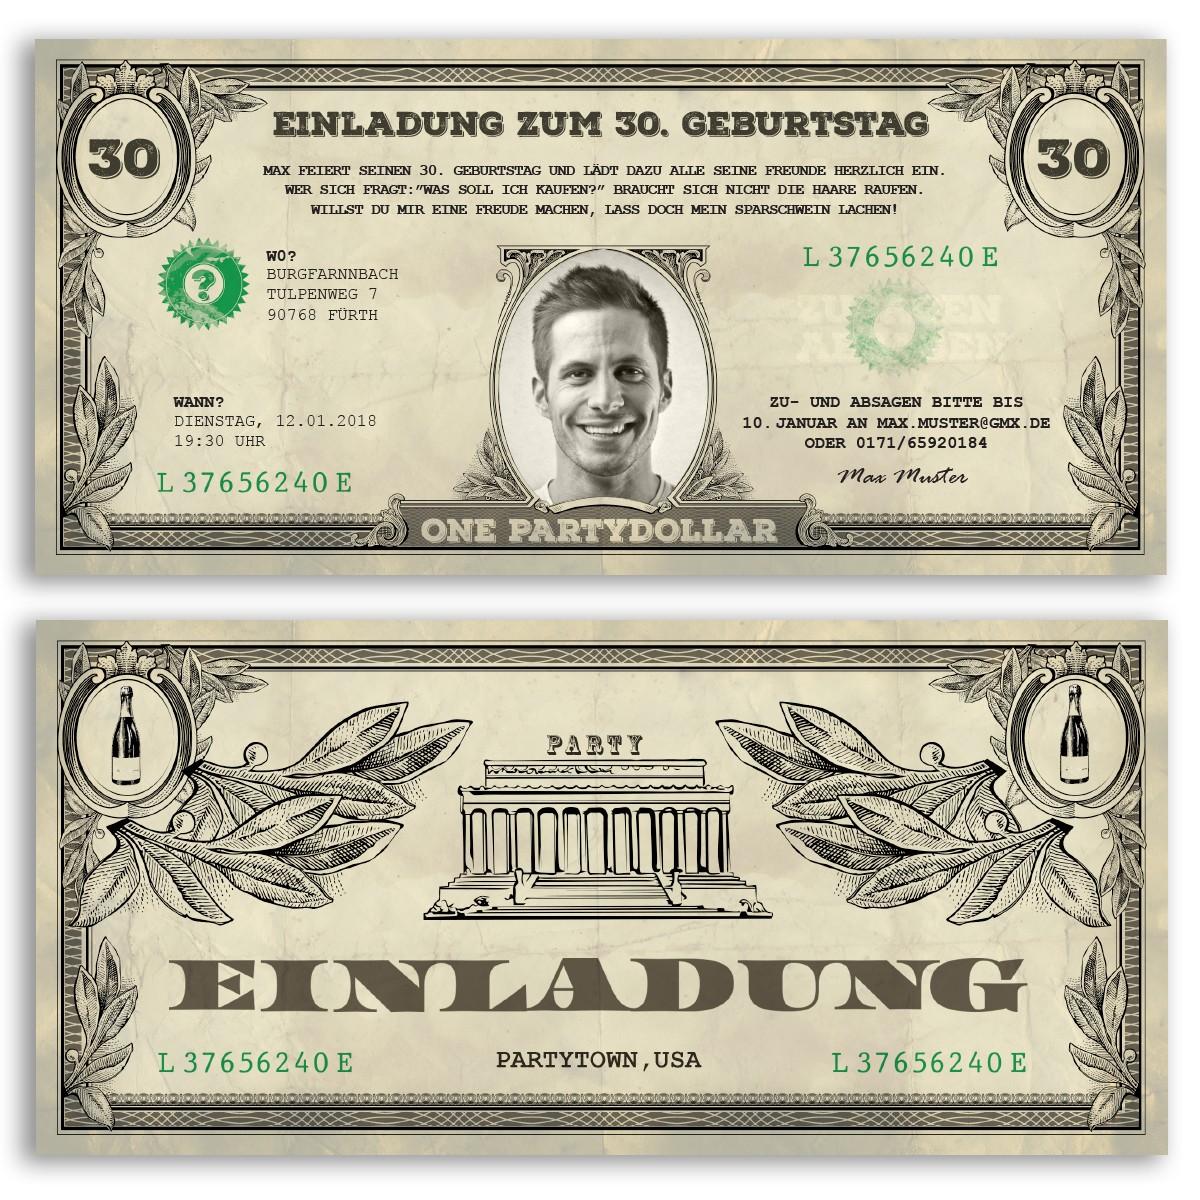 Groß 100 Dollar Schein Malvorlagen Zeitgenössisch - Malvorlagen Von ...